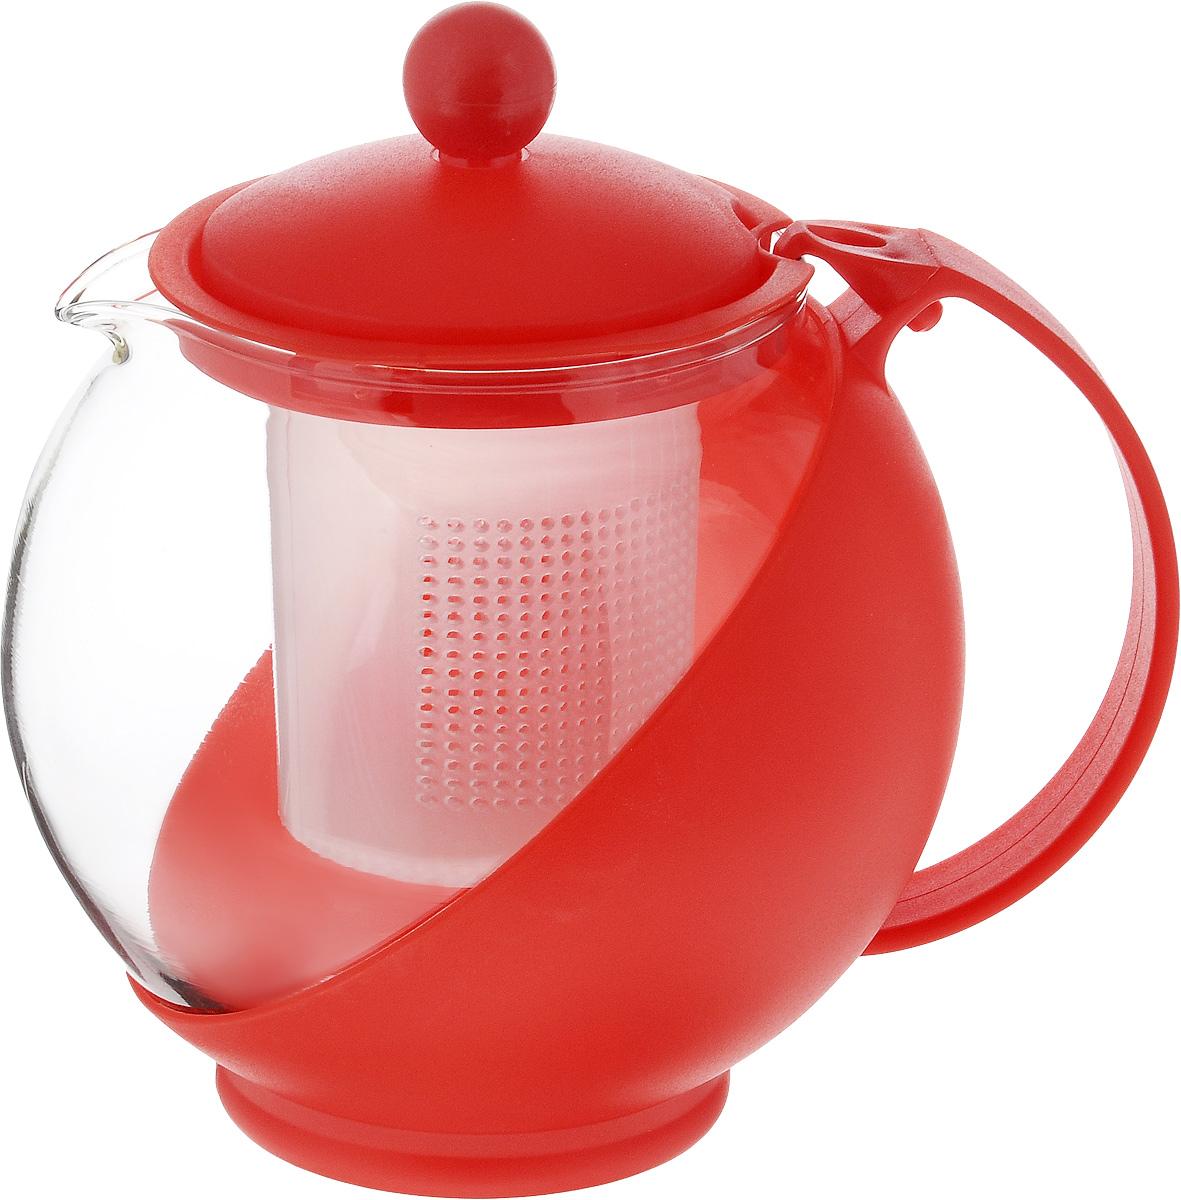 Чайник заварочный Wellberg Aqual, с фильтром, цвет: прозрачный, красный, 750 мл325 WBЗаварочный чайник Wellberg Aqual изготовлен из высококачественного пластика и жаропрочного стекла. Чайник имеет пластиковый фильтр и оснащен удобной ручкой. Он прекрасно подойдет для заваривания чая и травяных напитков. Такой заварочный чайник займет достойное место на вашей кухне.Высота чайника (без учета крышки): 11,5 см.Высота чайника (с учетом крышки): 14 см. Диаметр (по верхнему краю): 8 см.